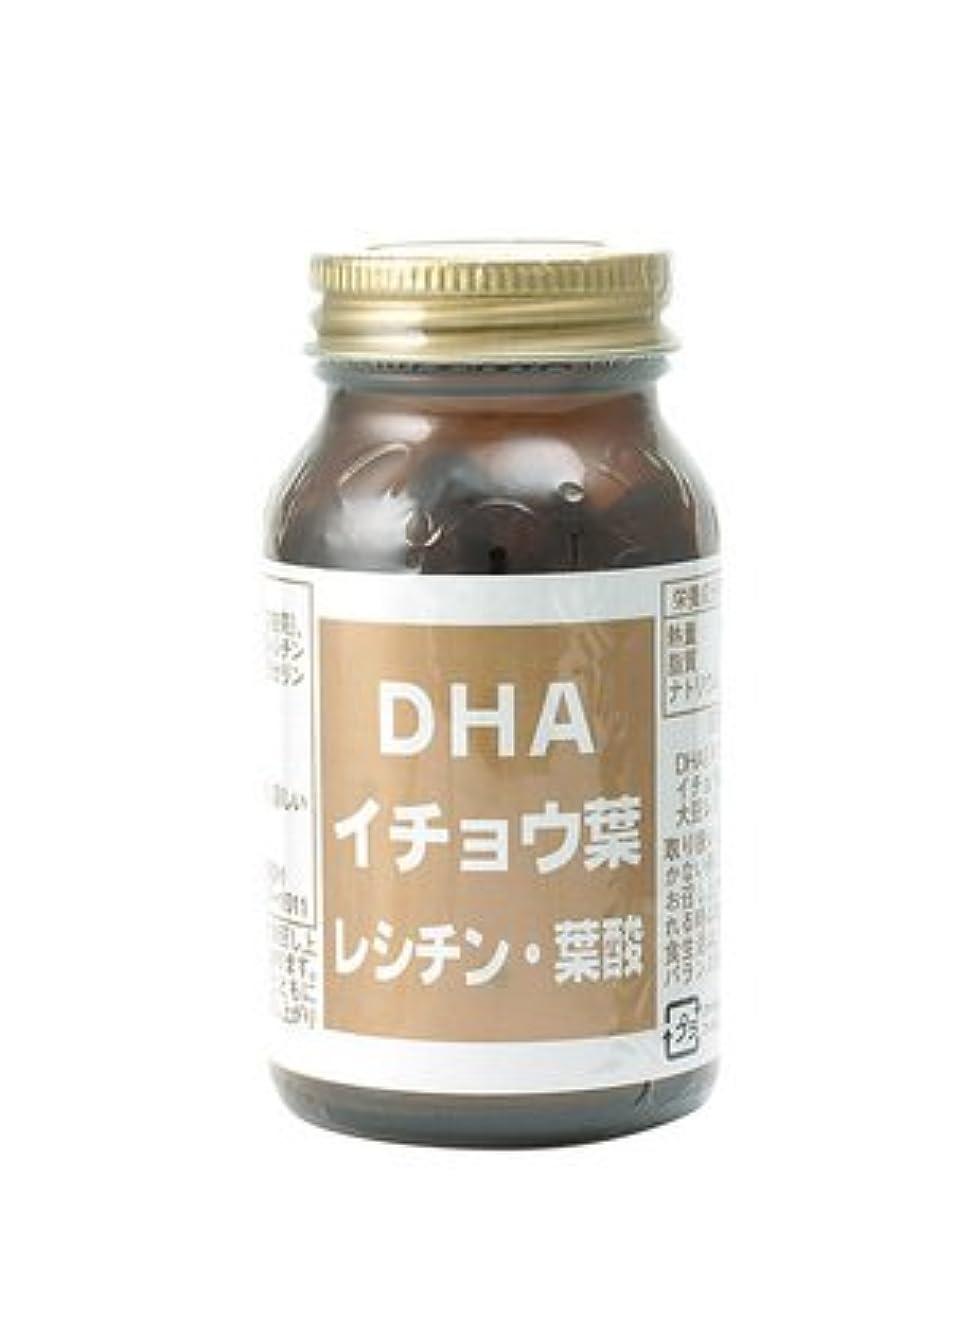 冷笑するバッフルテキストDHA イチョウ葉 大豆レシチン 葉酸 配合 DHA 56.4g